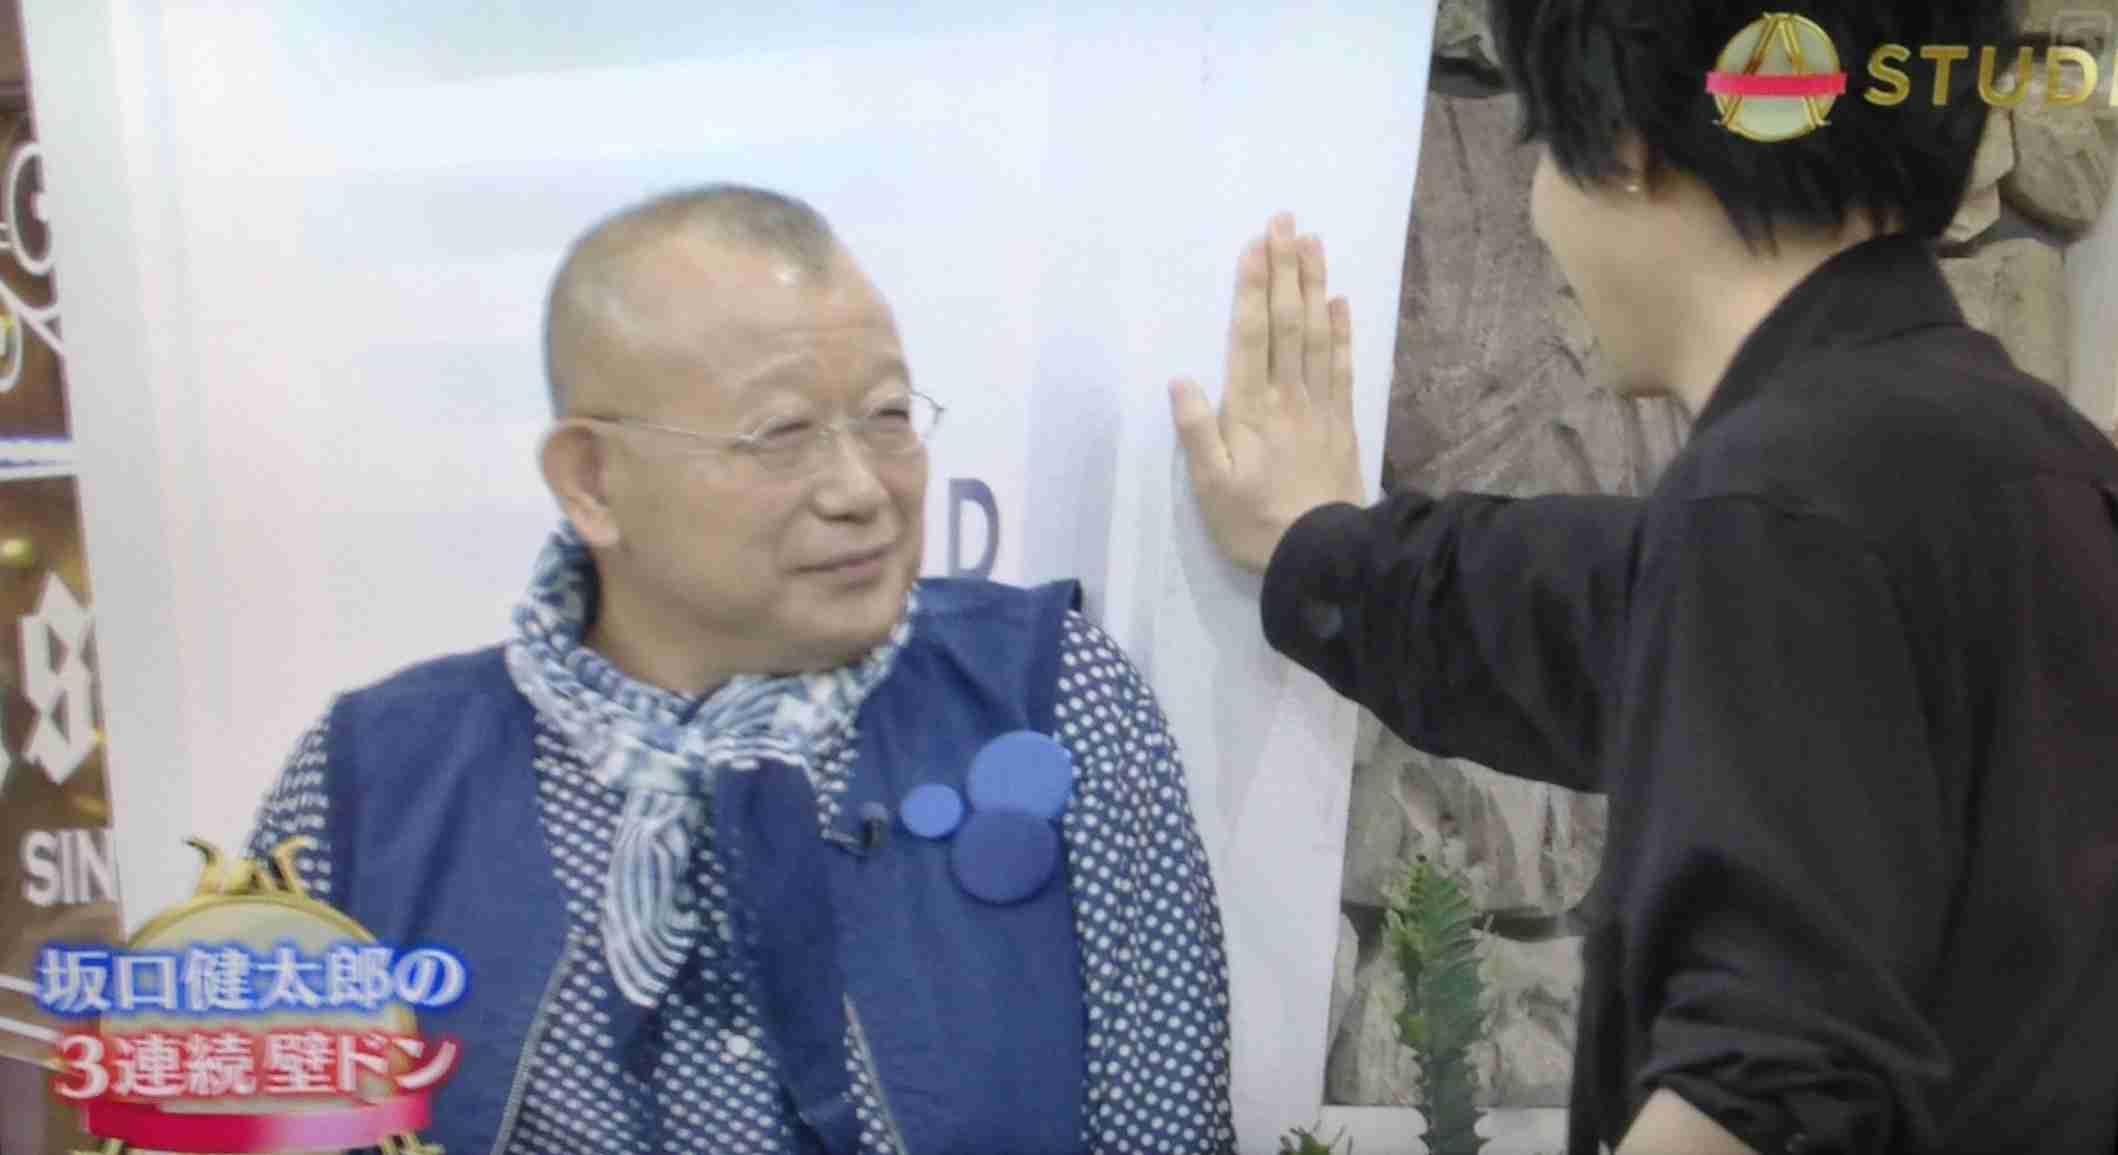 """山崎賢人、""""壁ドン""""の進化を語る 実演で観客悲鳴"""